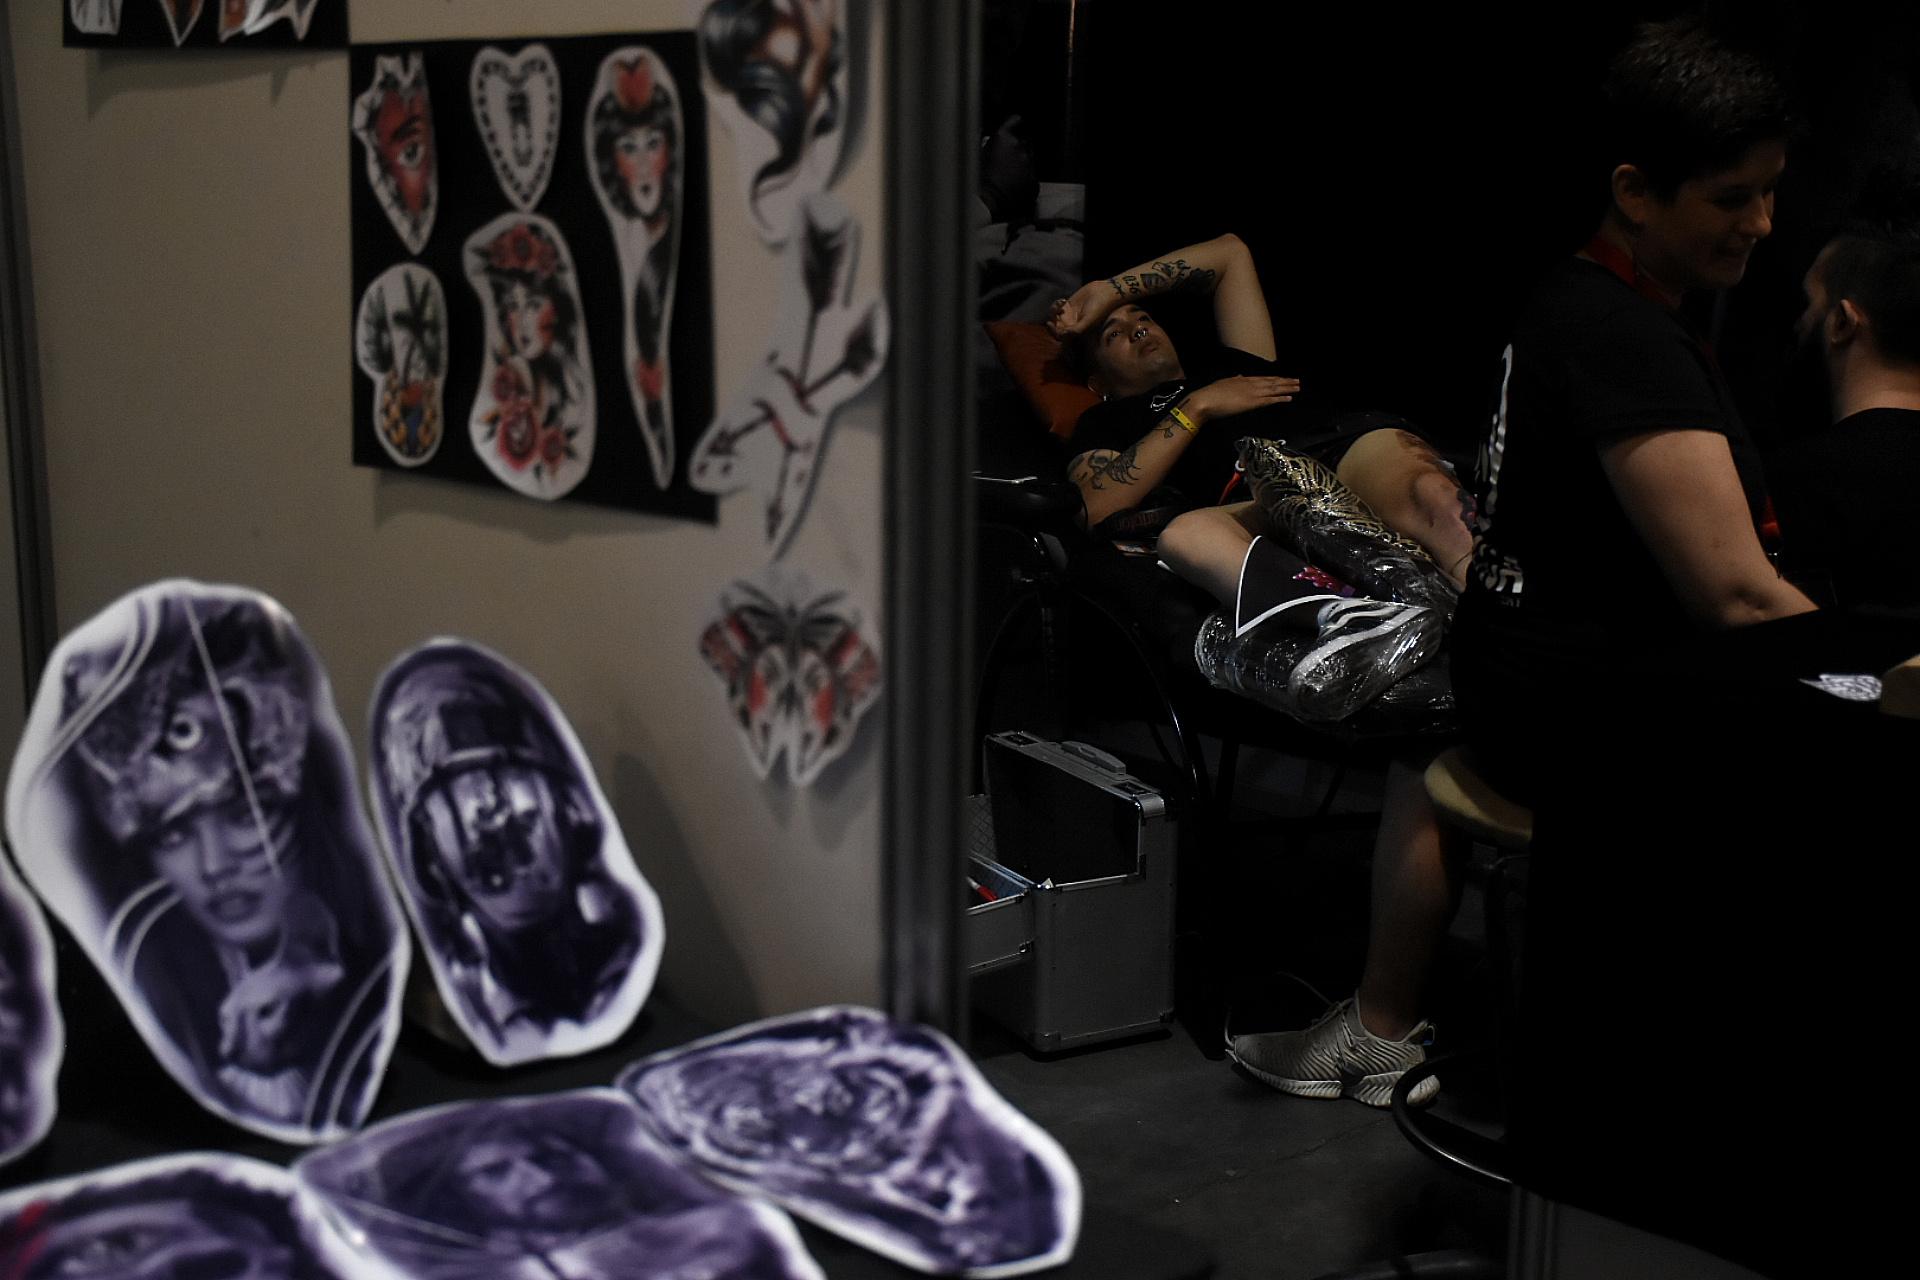 La triple jornada verá a los mejores tatuadores de más 20 países, a integrantes de la agrupación internacional de Barbas y música, habrá mucha música que se mezclará en los escenario interno y externo del evento que se extenderá hasta la medianoche del domingo 8 de marzo